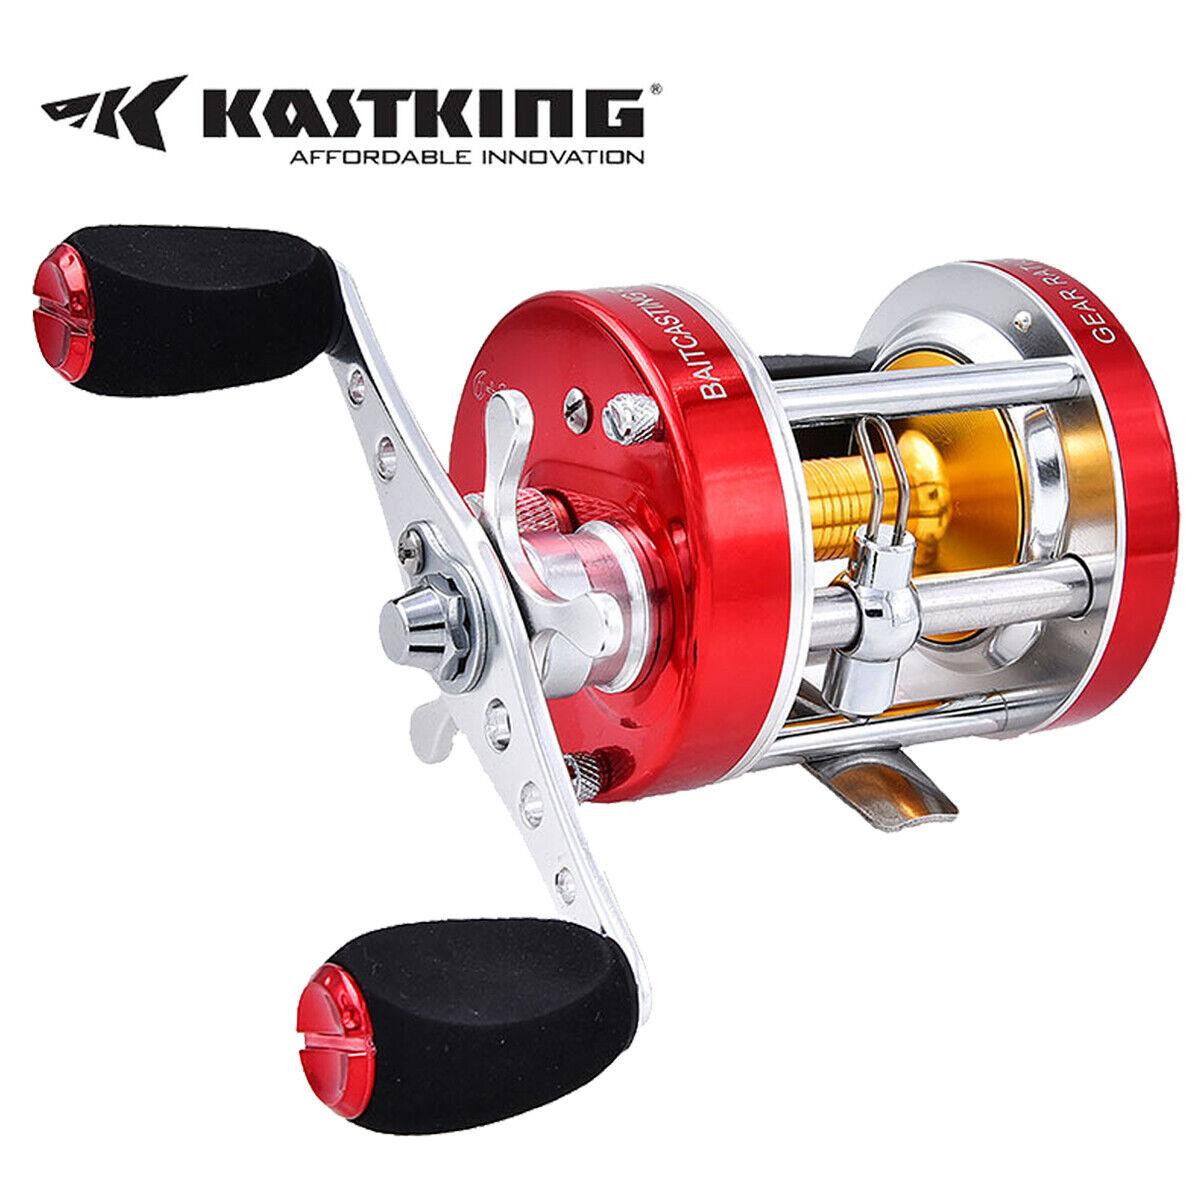 KastKing Rover Round Baitcasting Reel Conventional Saltwater Trolling Reel